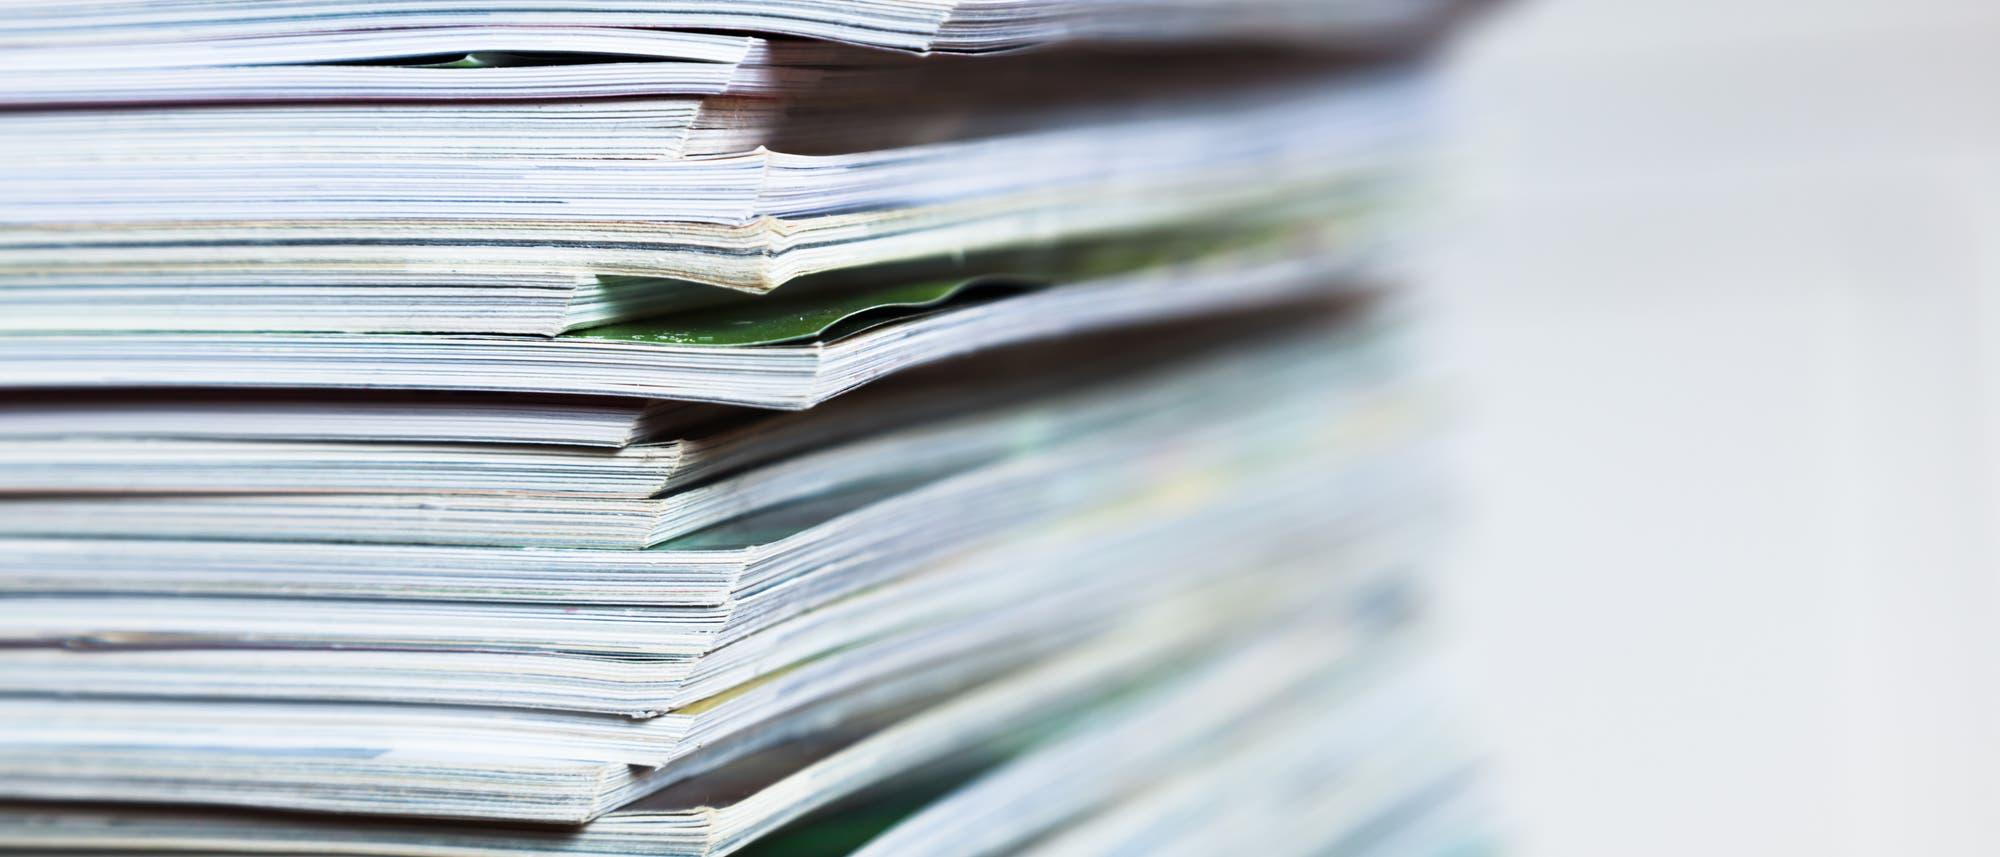 Ein Stapel von Fachzeitschriften